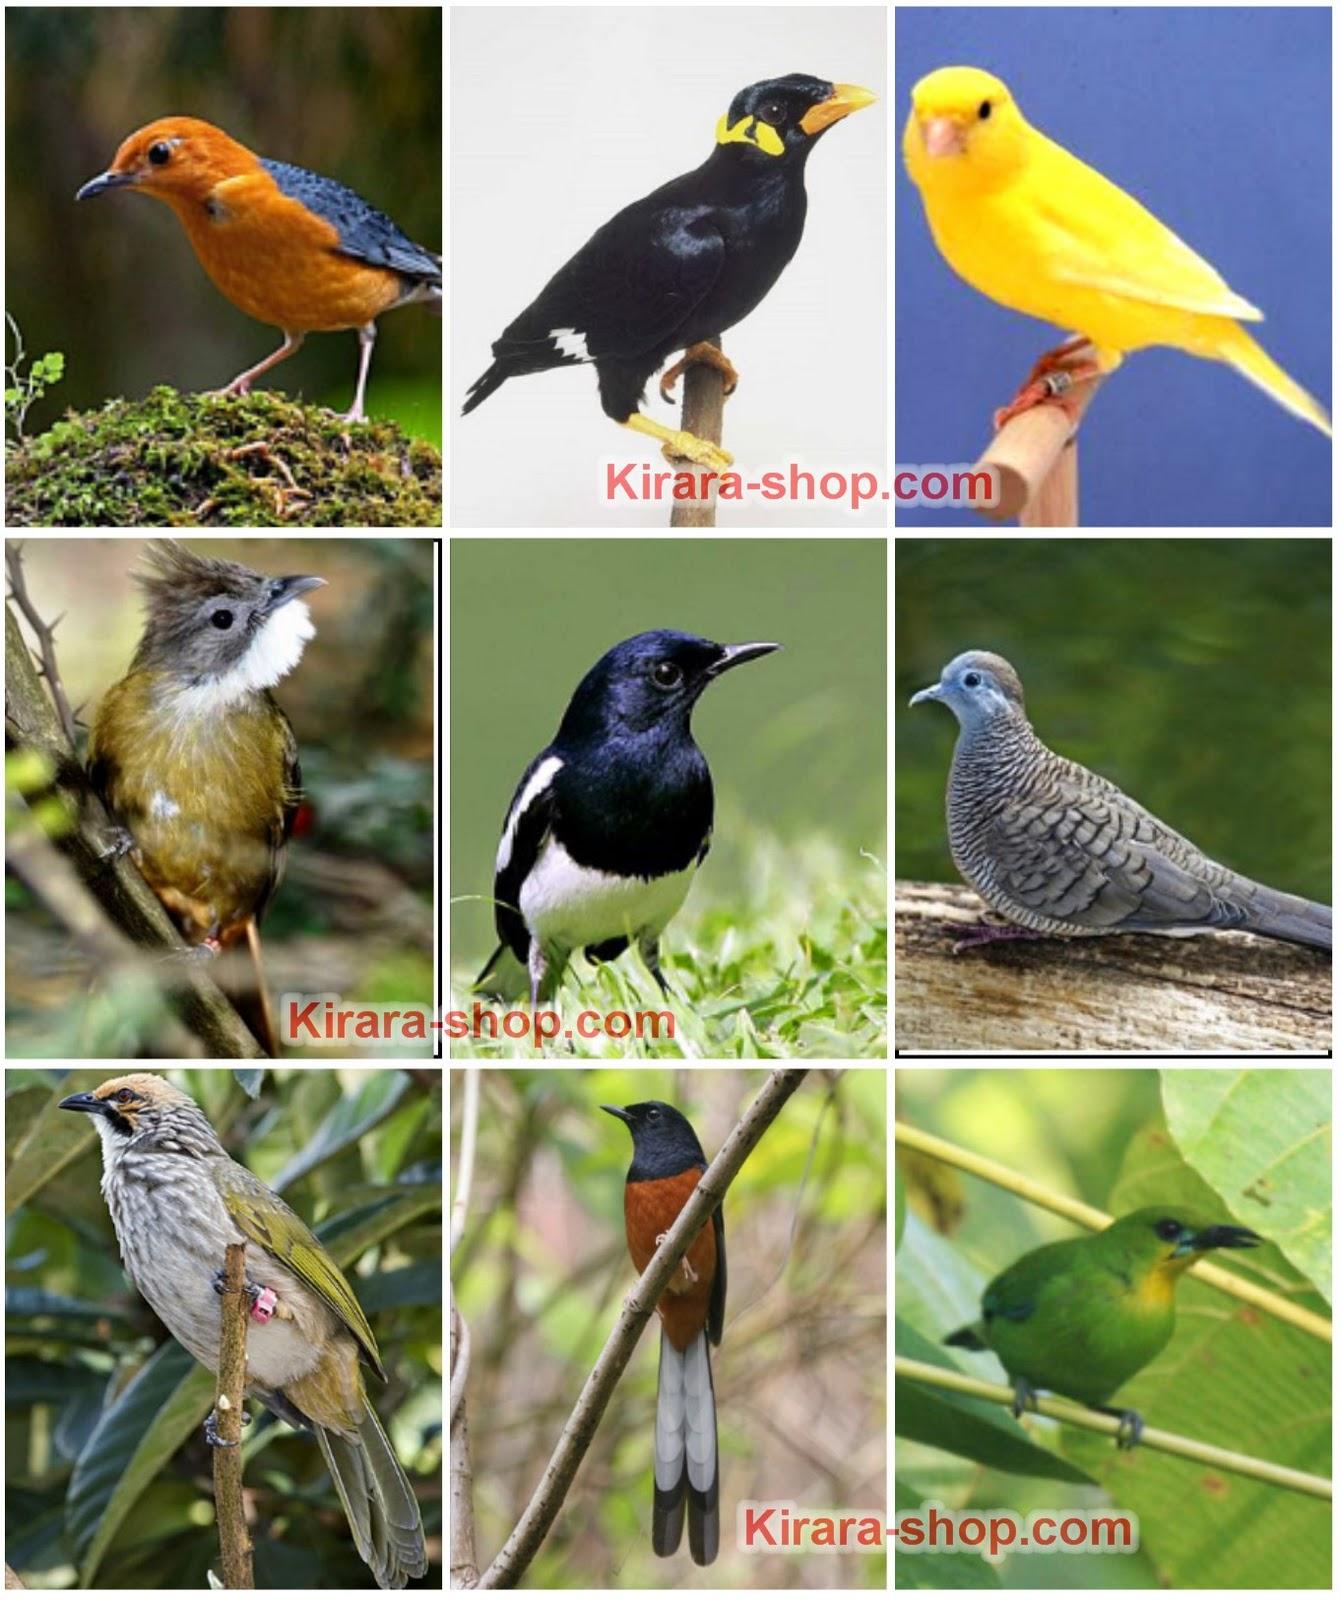 Sedikit Tentang 666: Ragam Burung Dan Jual Beli: Ragam Burung Yang Tenar Di